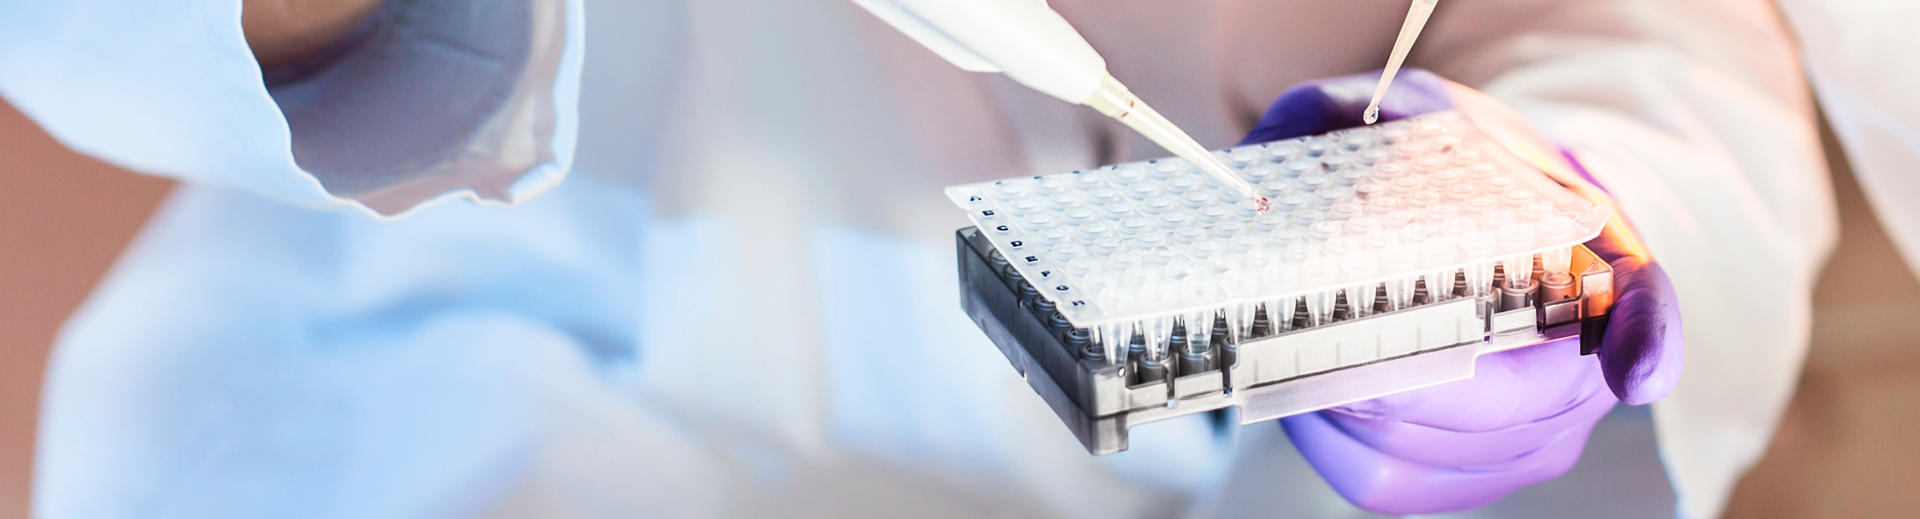 Inovação indústria farmacêutica